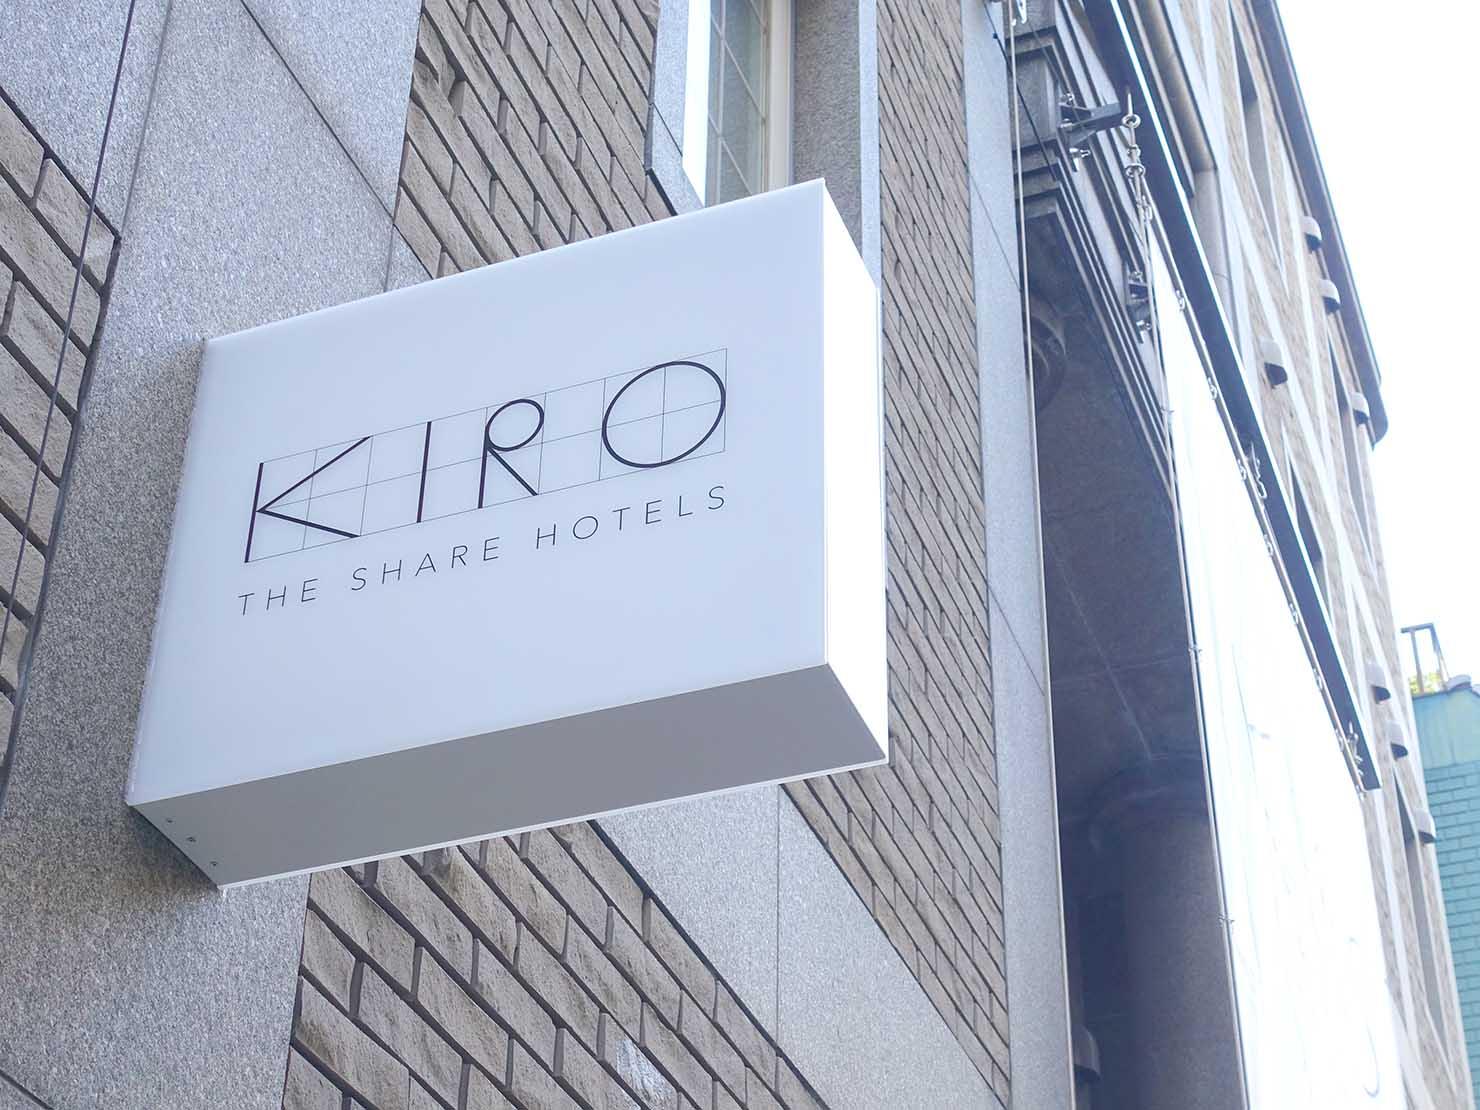 広島・八丁堀のおしゃれなリノベホテル「KIRO広島 The Share Hotels」の看板